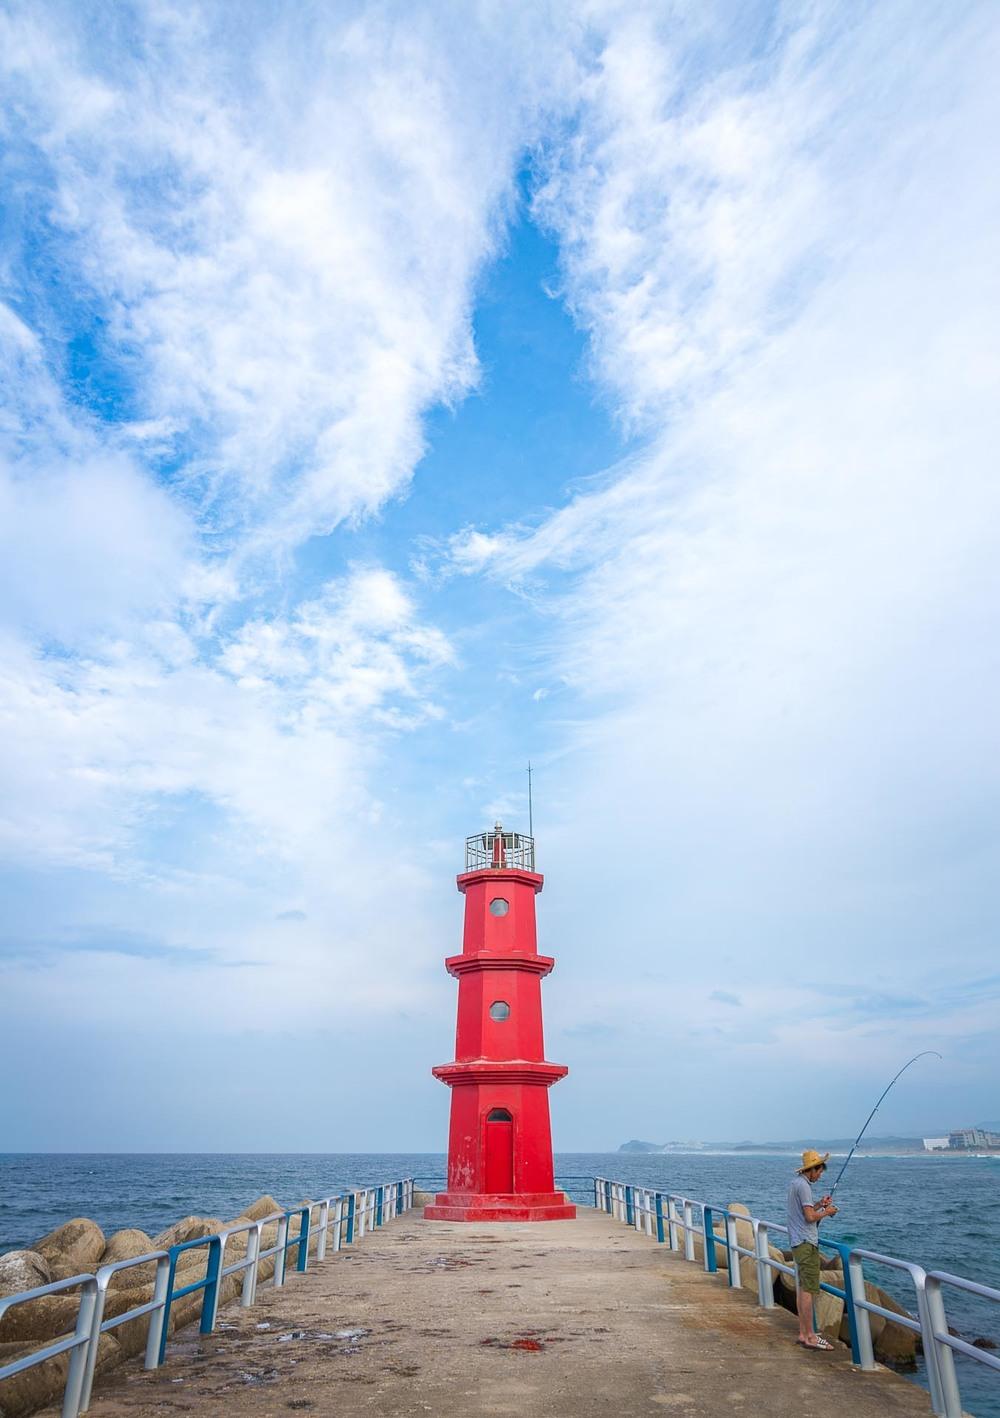 A small red lighthouse at Yang Yang beach. South Korea